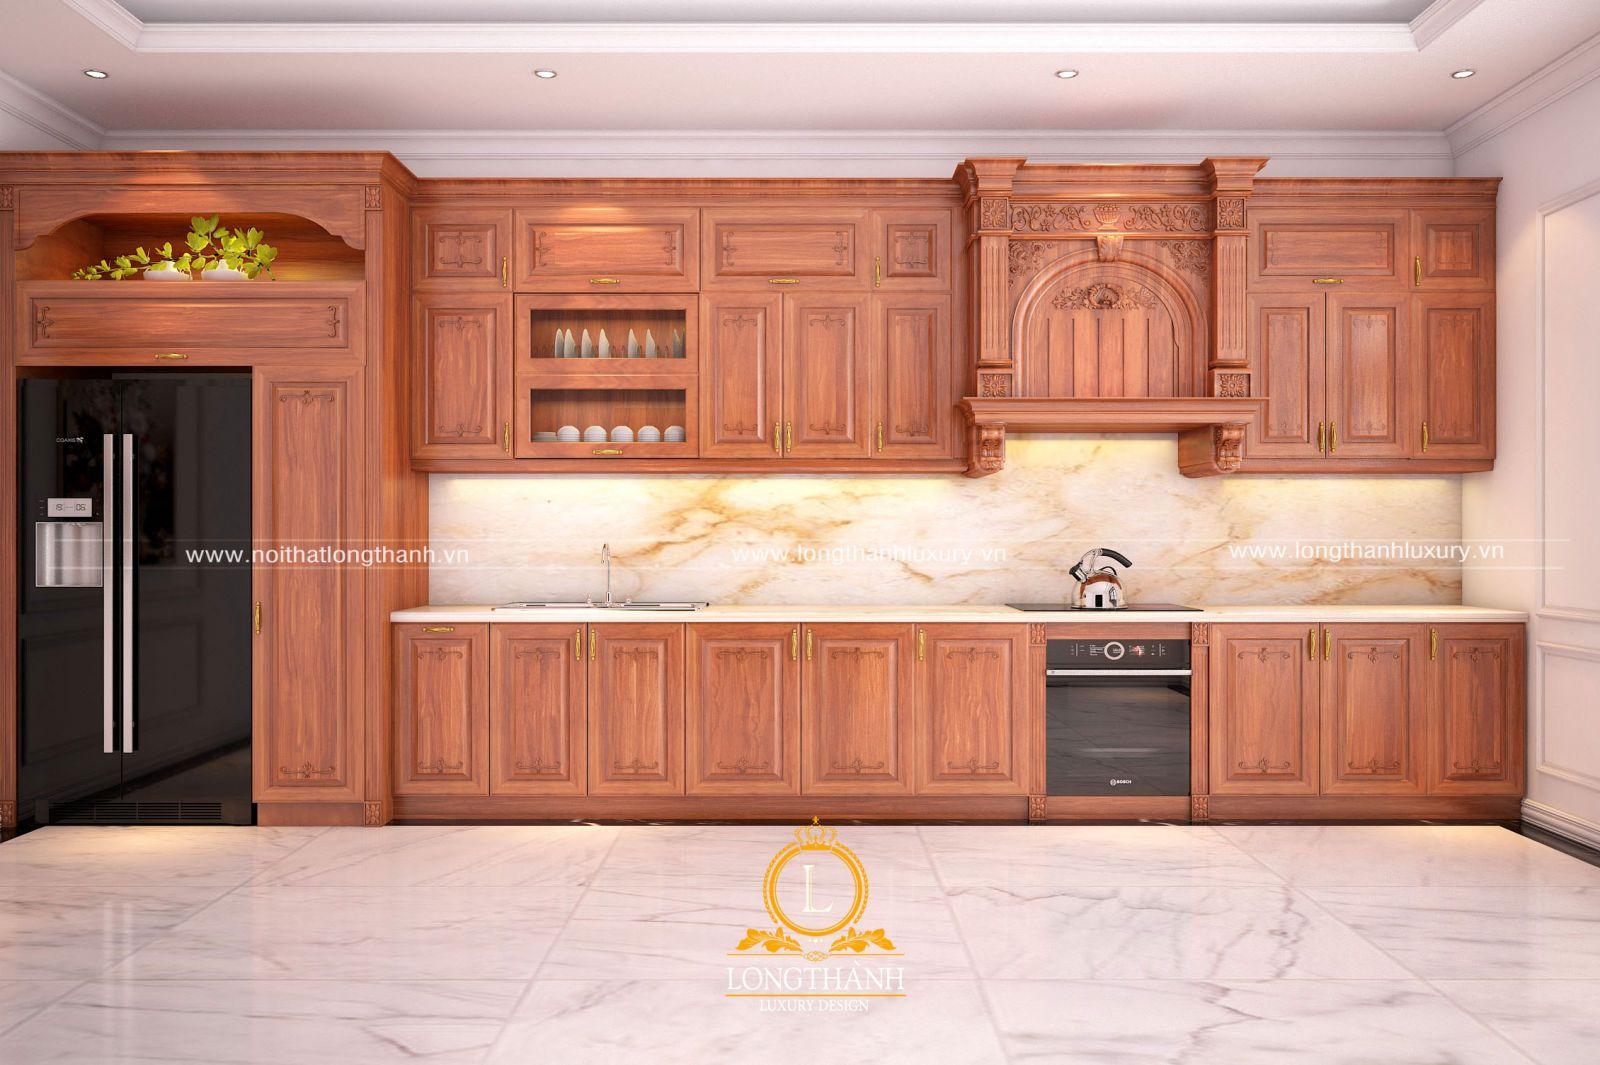 Mẫu tủ bếp tân cổ điển gỗ Gõ tự nhiên màu vàng giúp không gian sáng hơn